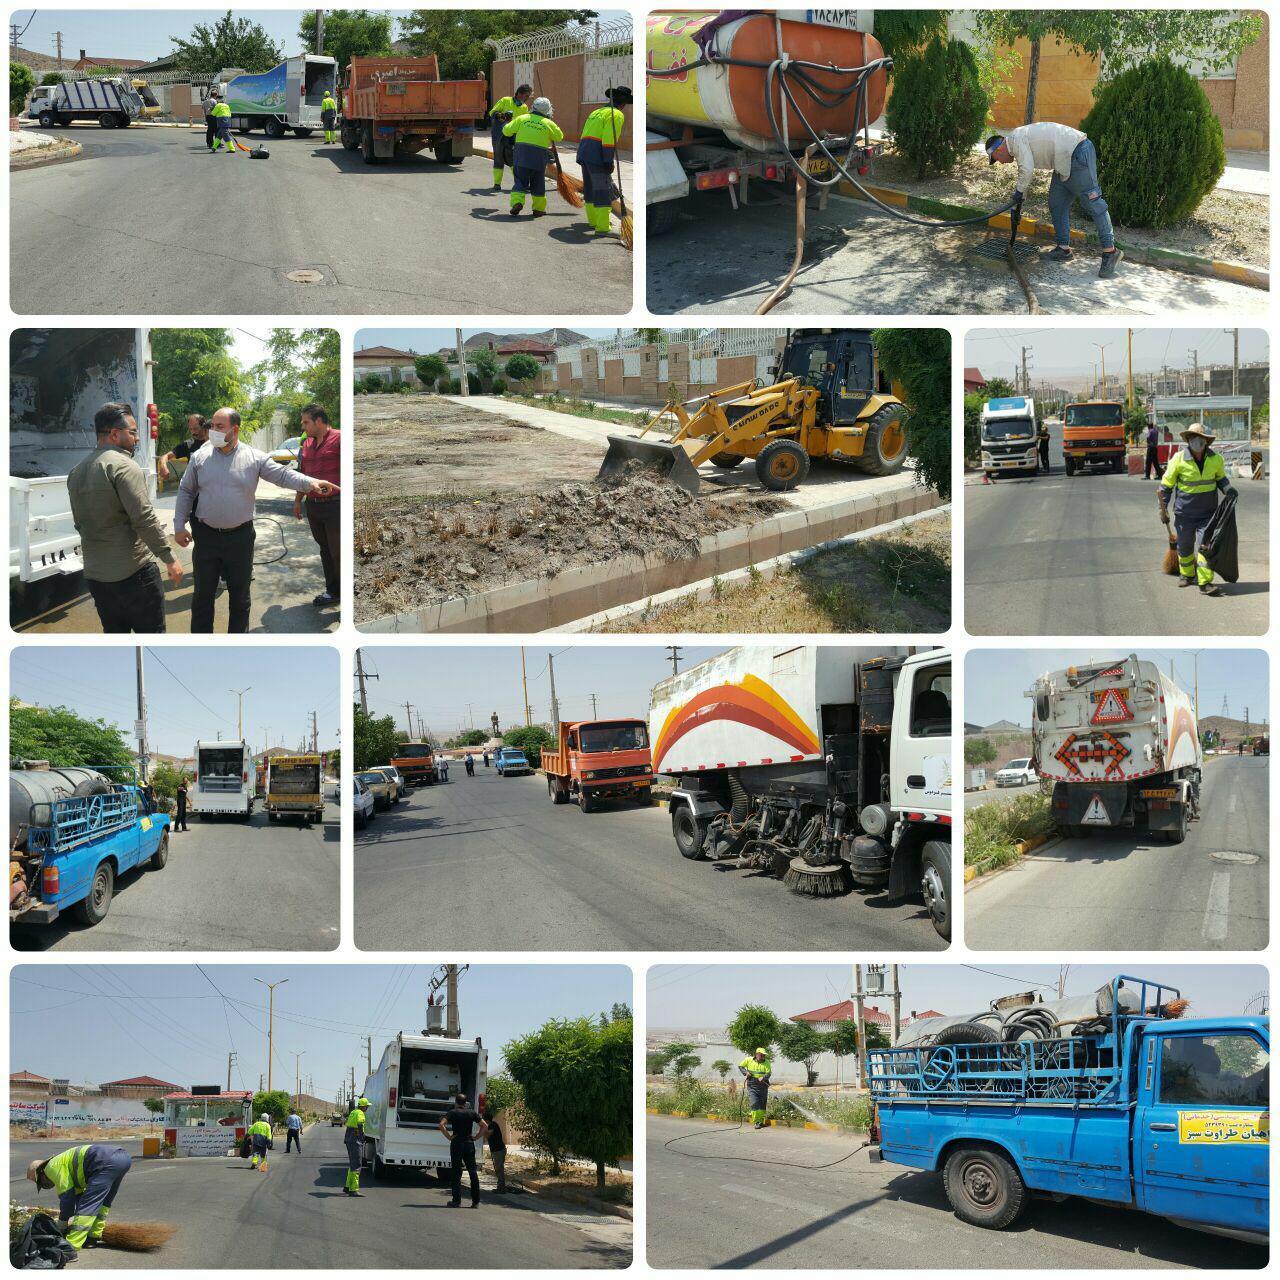 طرح جهادی پاکسازی محله به محله در فاز دو شهر پرند اجرا شد